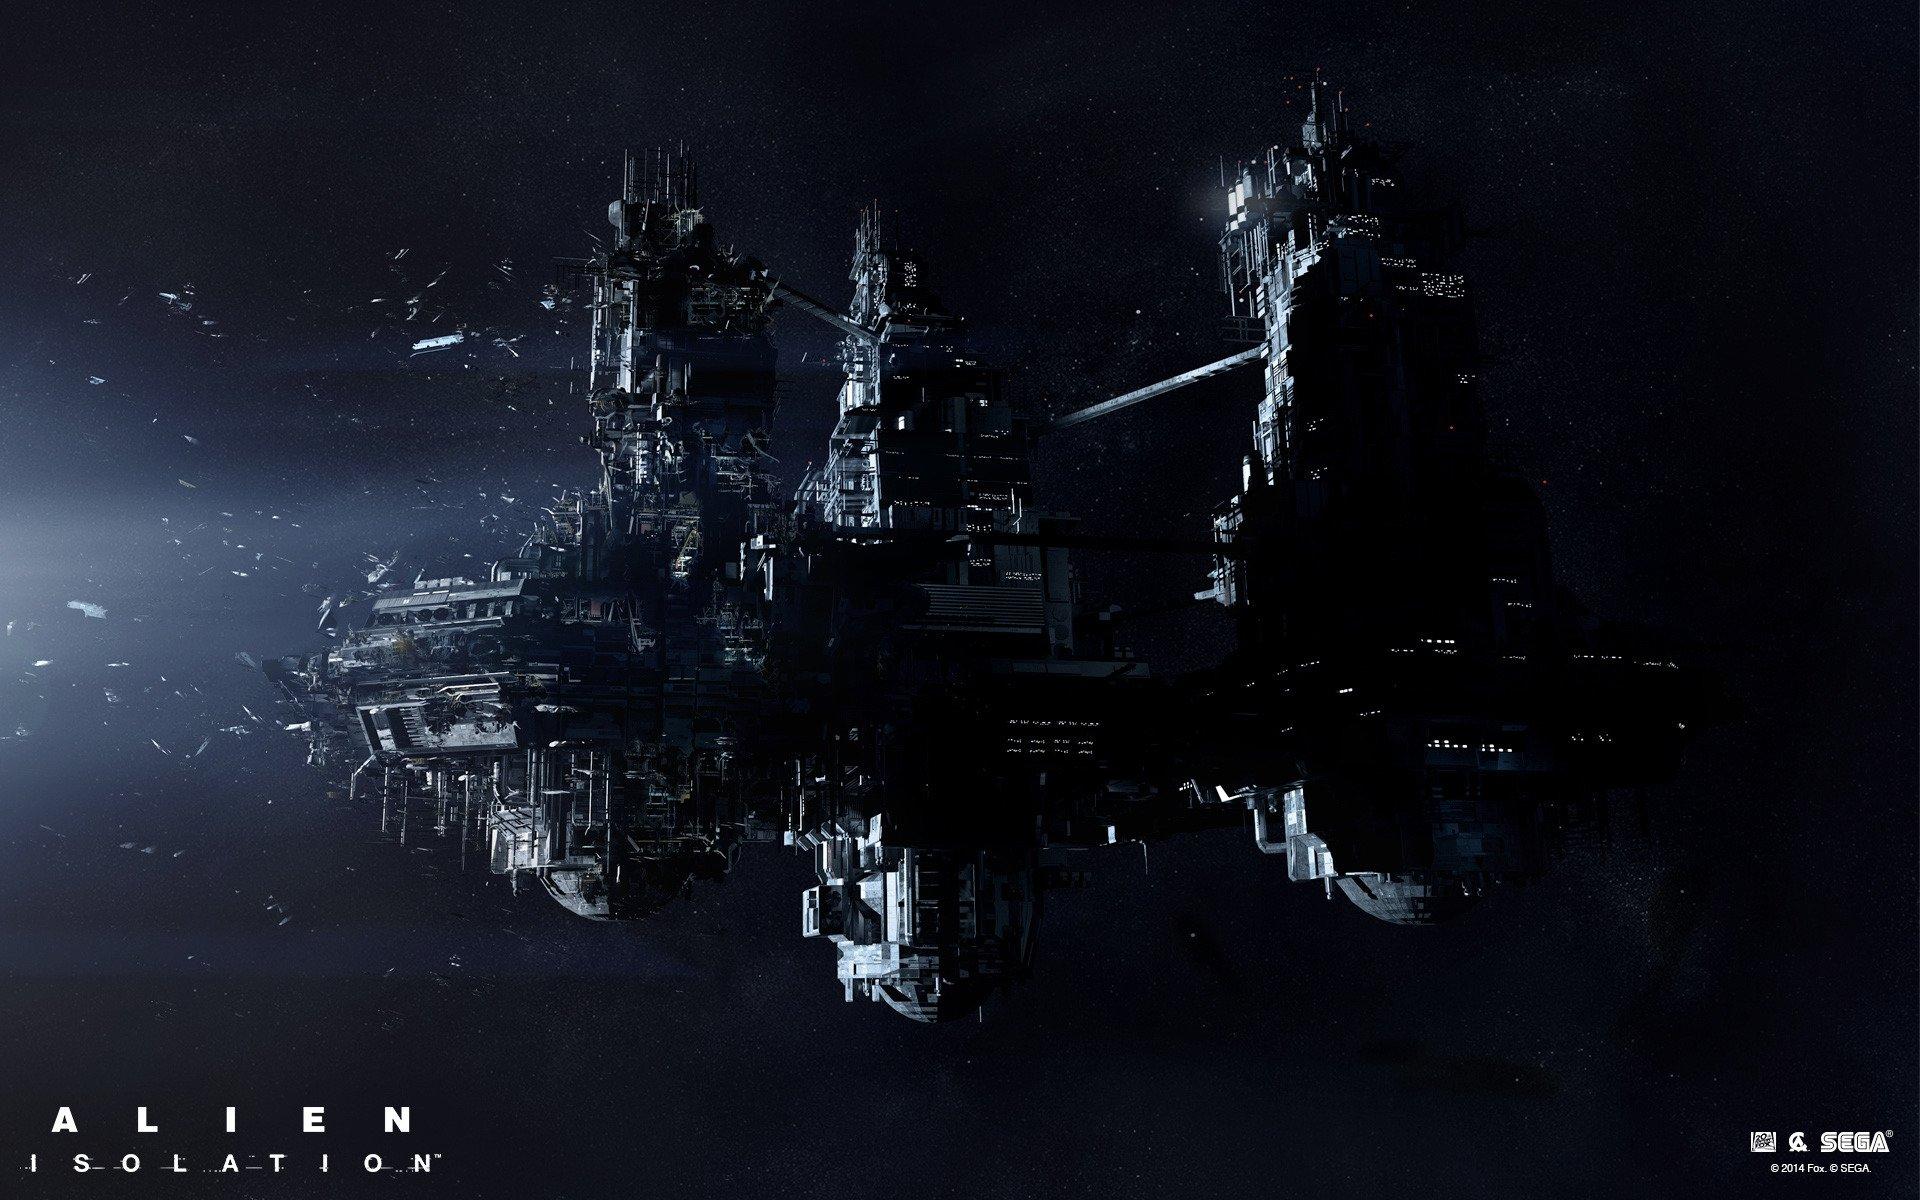 Alien: Isolation-Пятнадцати часовой страх. - Изображение 1